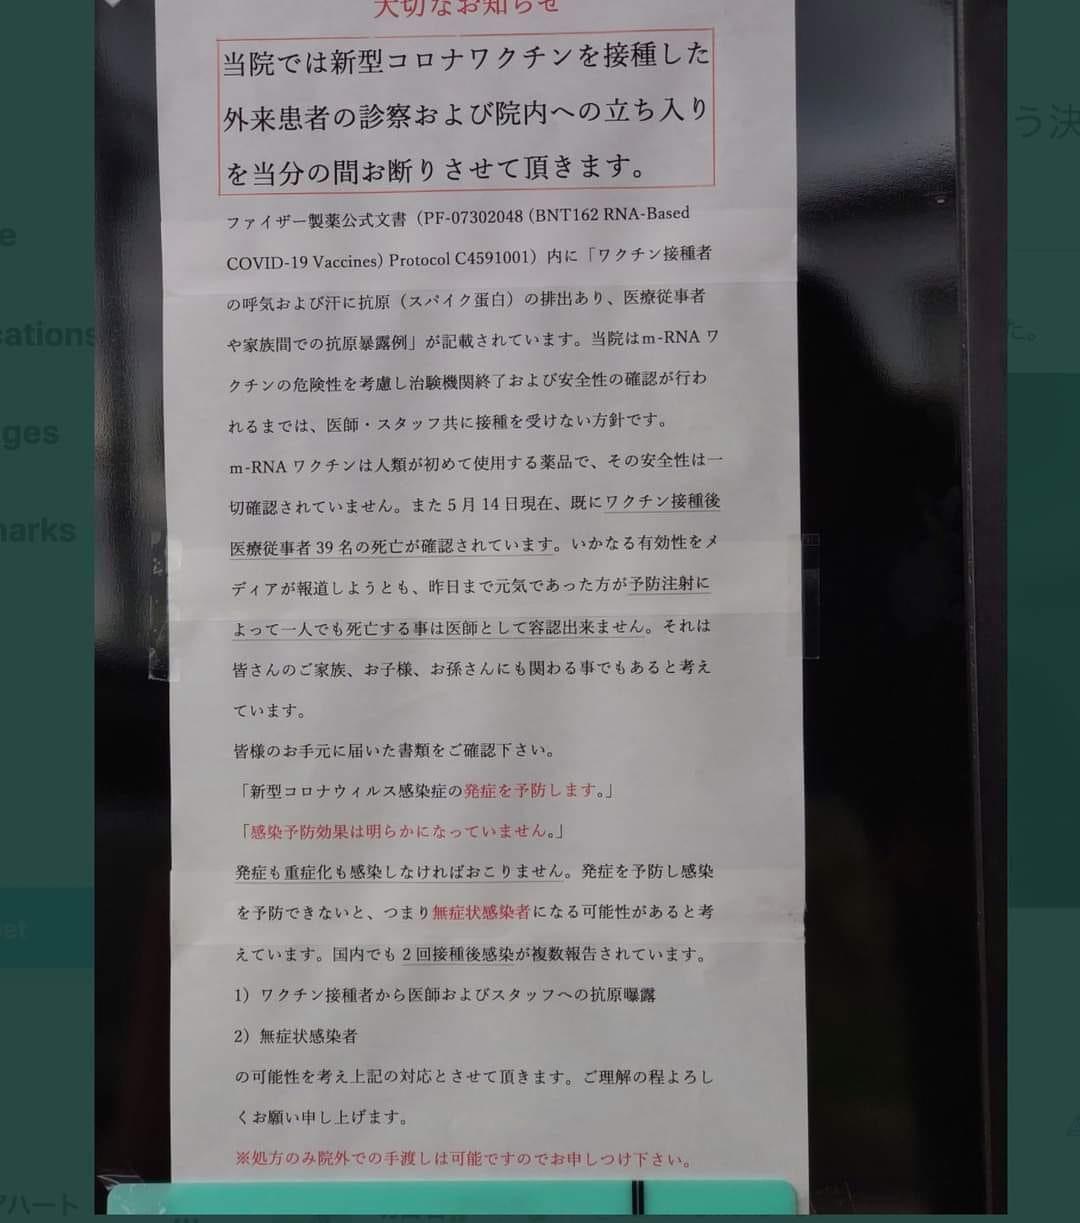 くるみぱん2 木村氏facebookより  素晴らしい医院です。 「遺伝子ワ◯チ◯を接種した方々は当医院には 立ち